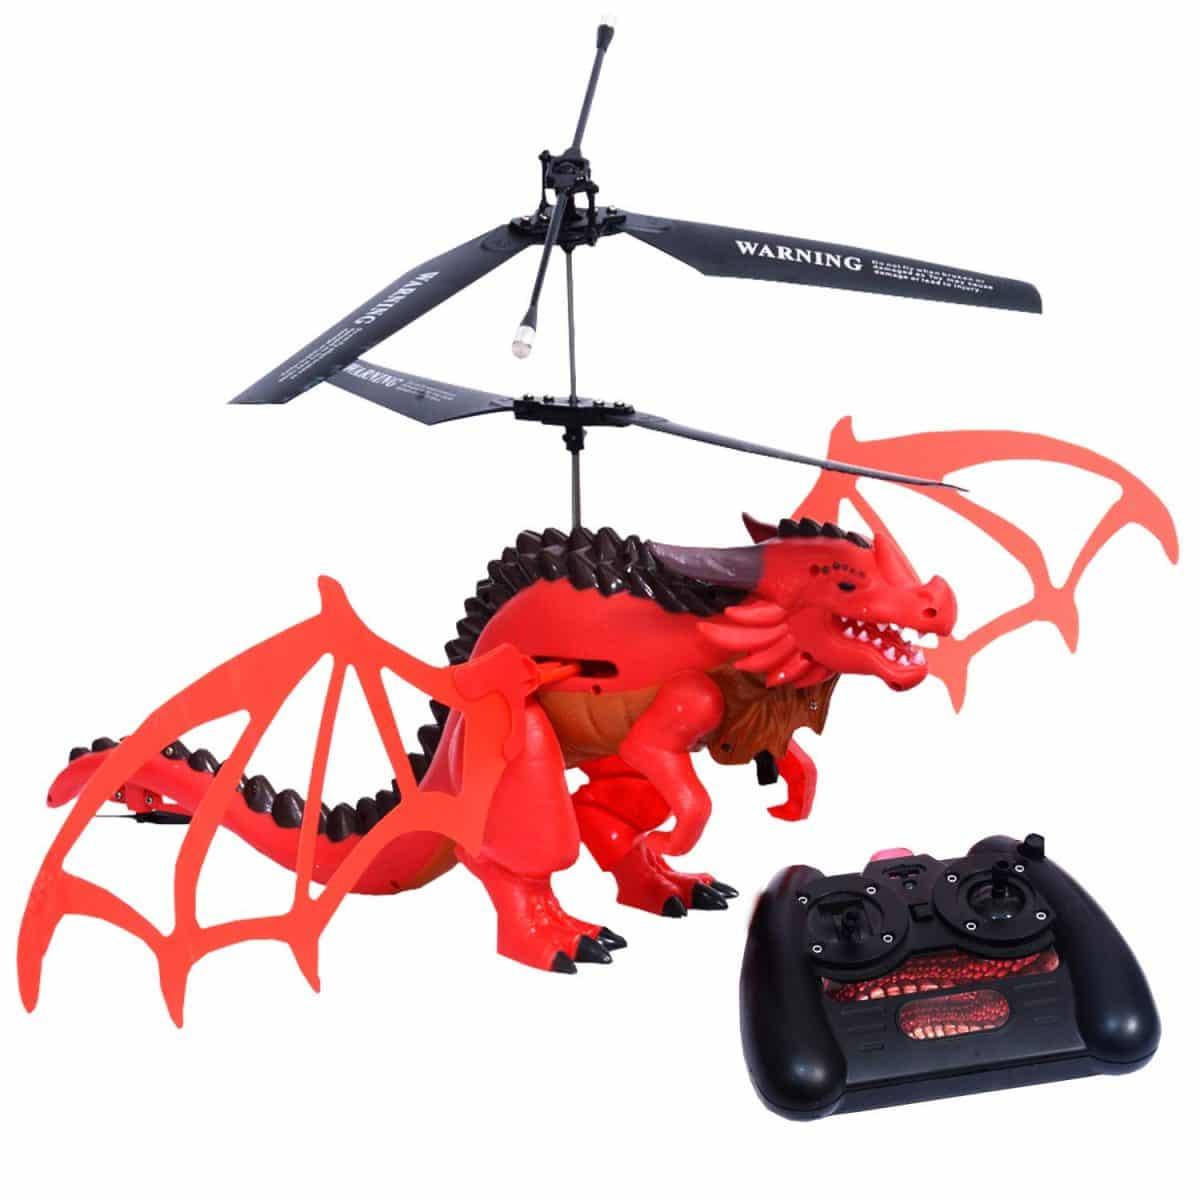 Best Flying Toys to Buy 2019 - LittleOneMag